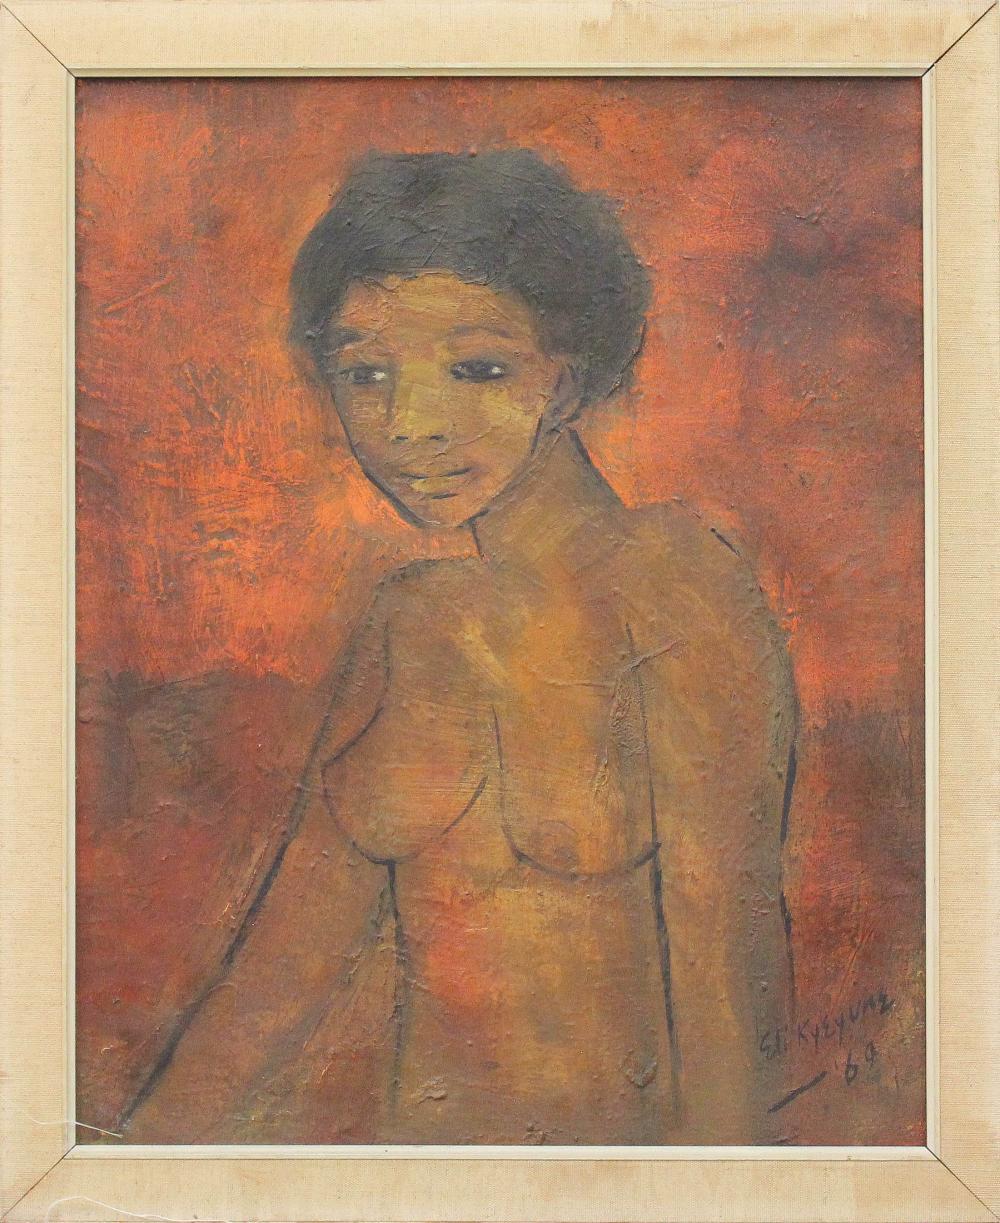 ELI KYEYUNE (Uganda, 1936-2000) oil on canvas, nud